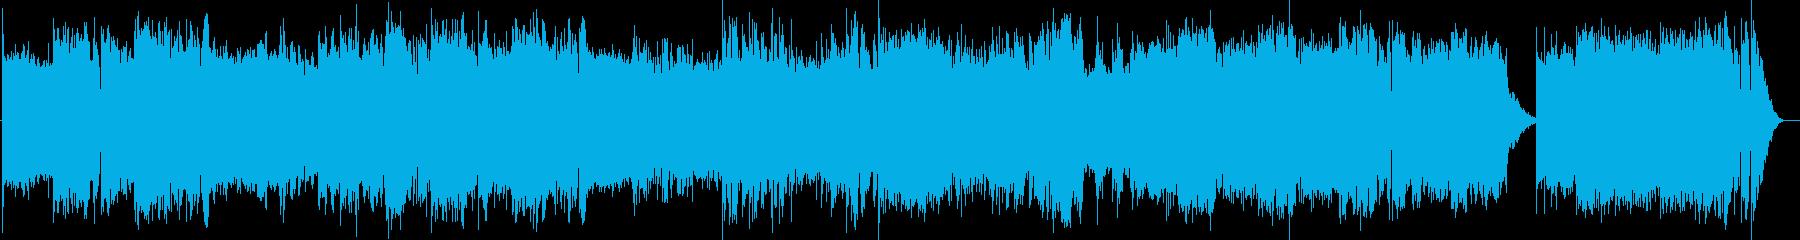 英語洋楽:後期ビートルズ・屋上バラード風の再生済みの波形